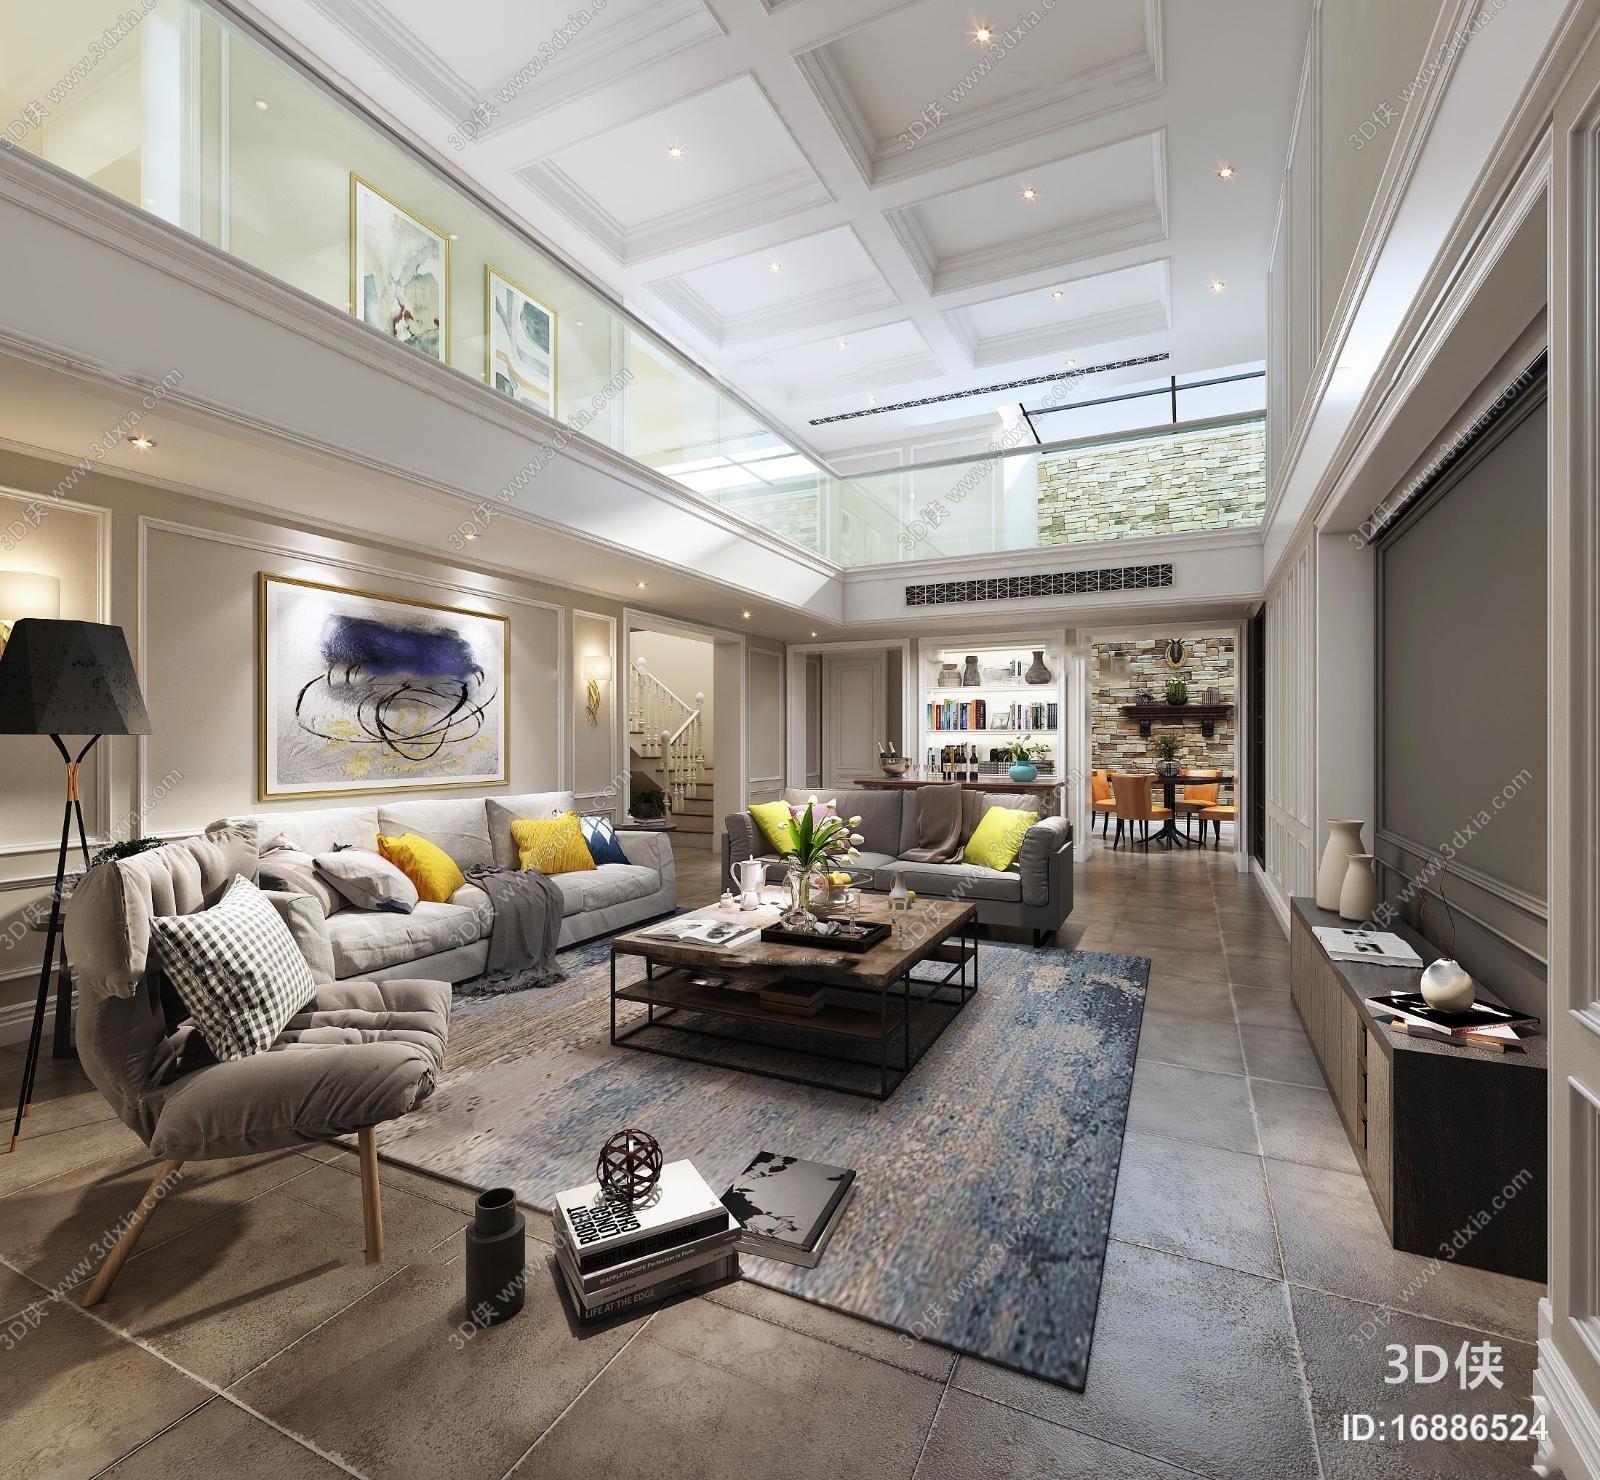 现代风格 效果图素材免费下载,本作品主题是现代复式楼客厅空间3d模型